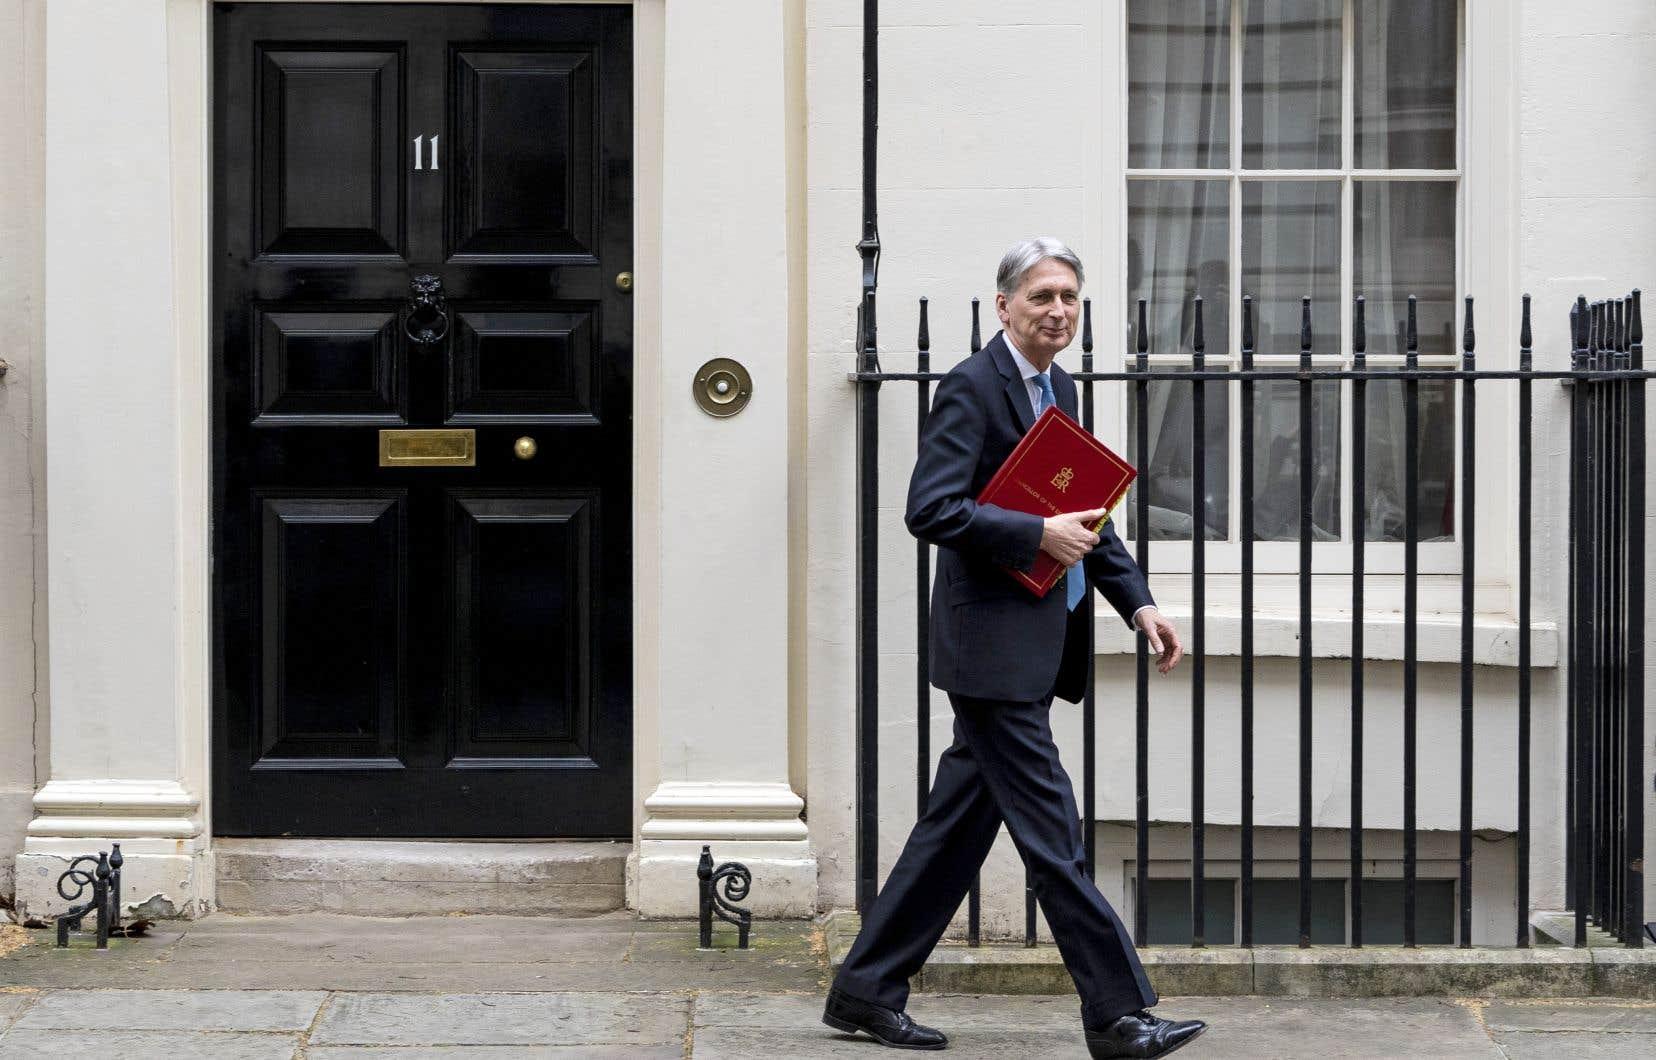 Le ministre britannique des Finances, Philip Hammond,a affirmé que, si Boris Johnson arrivait à la tête de l'État, il démissionnerait vite, car pour lui, «l'acceptation d'une sortie sans accord le 31octobre, [...] ce n'est pas une chose à laquelle je pourrais adhérer».